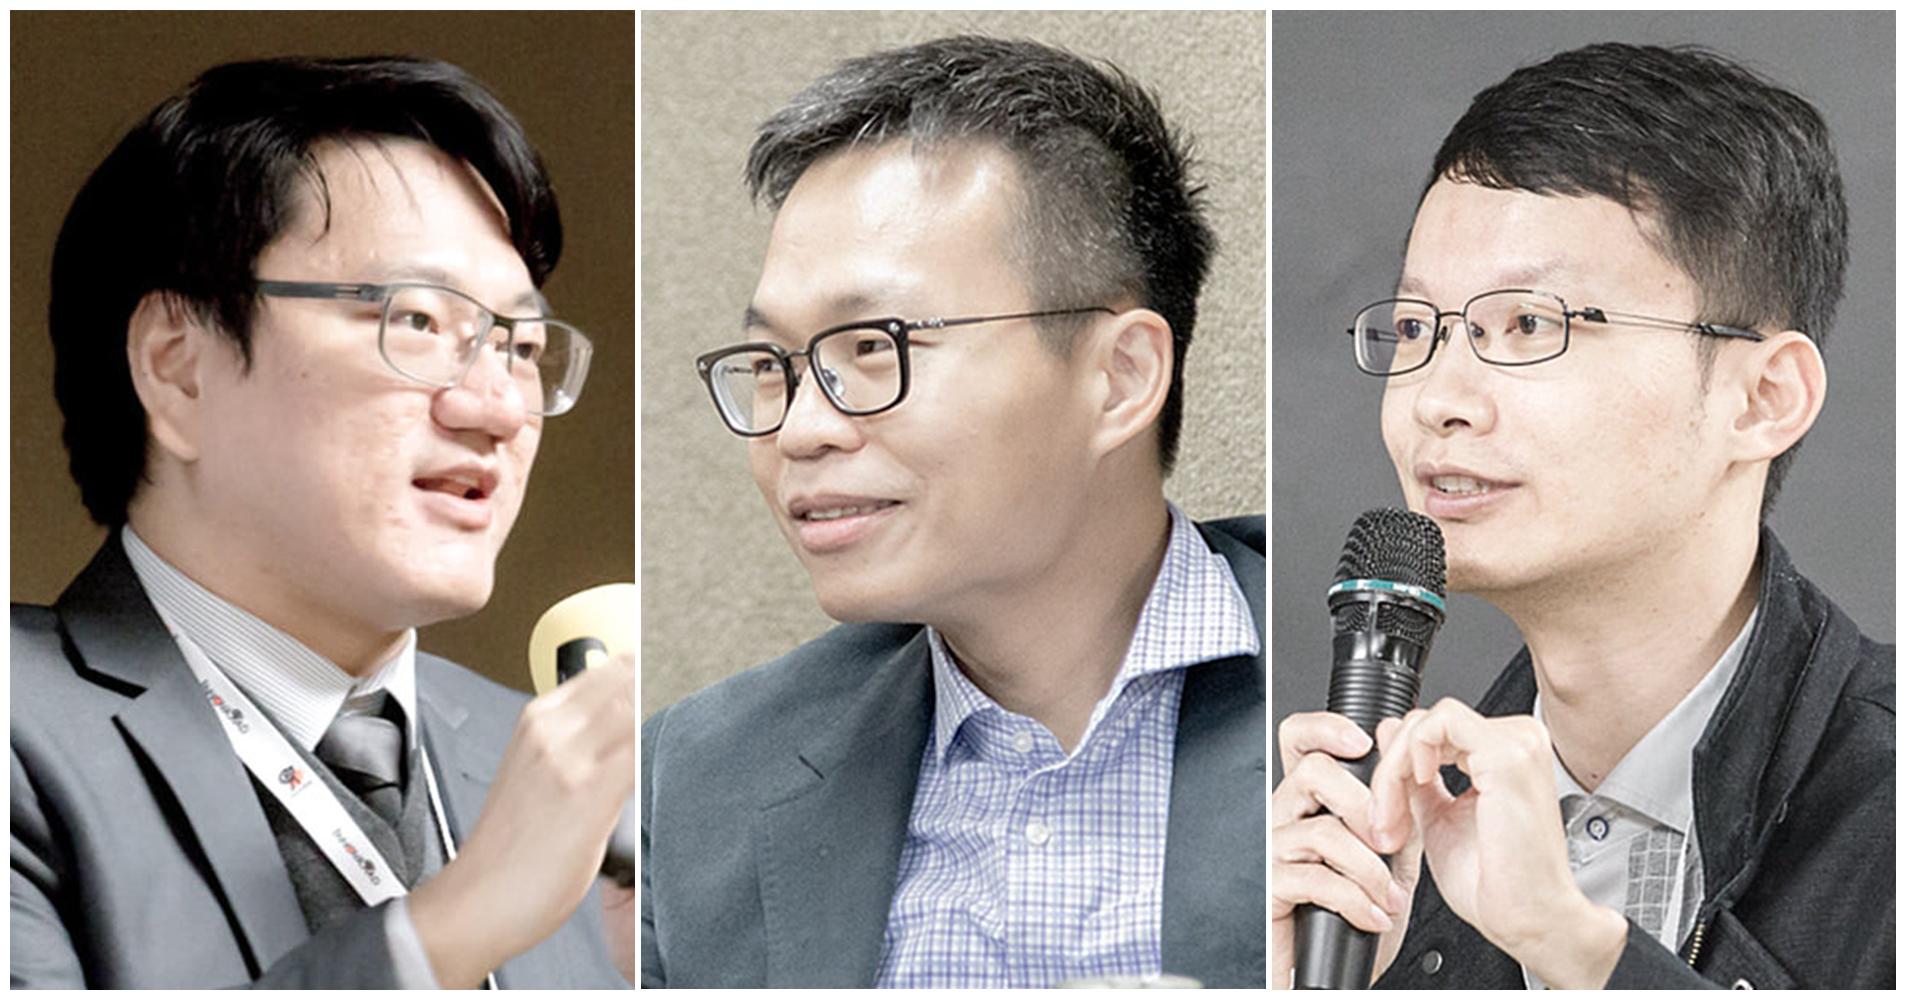 蔡依橙醫師 / 吳昭慶醫師 / 黃志生醫師